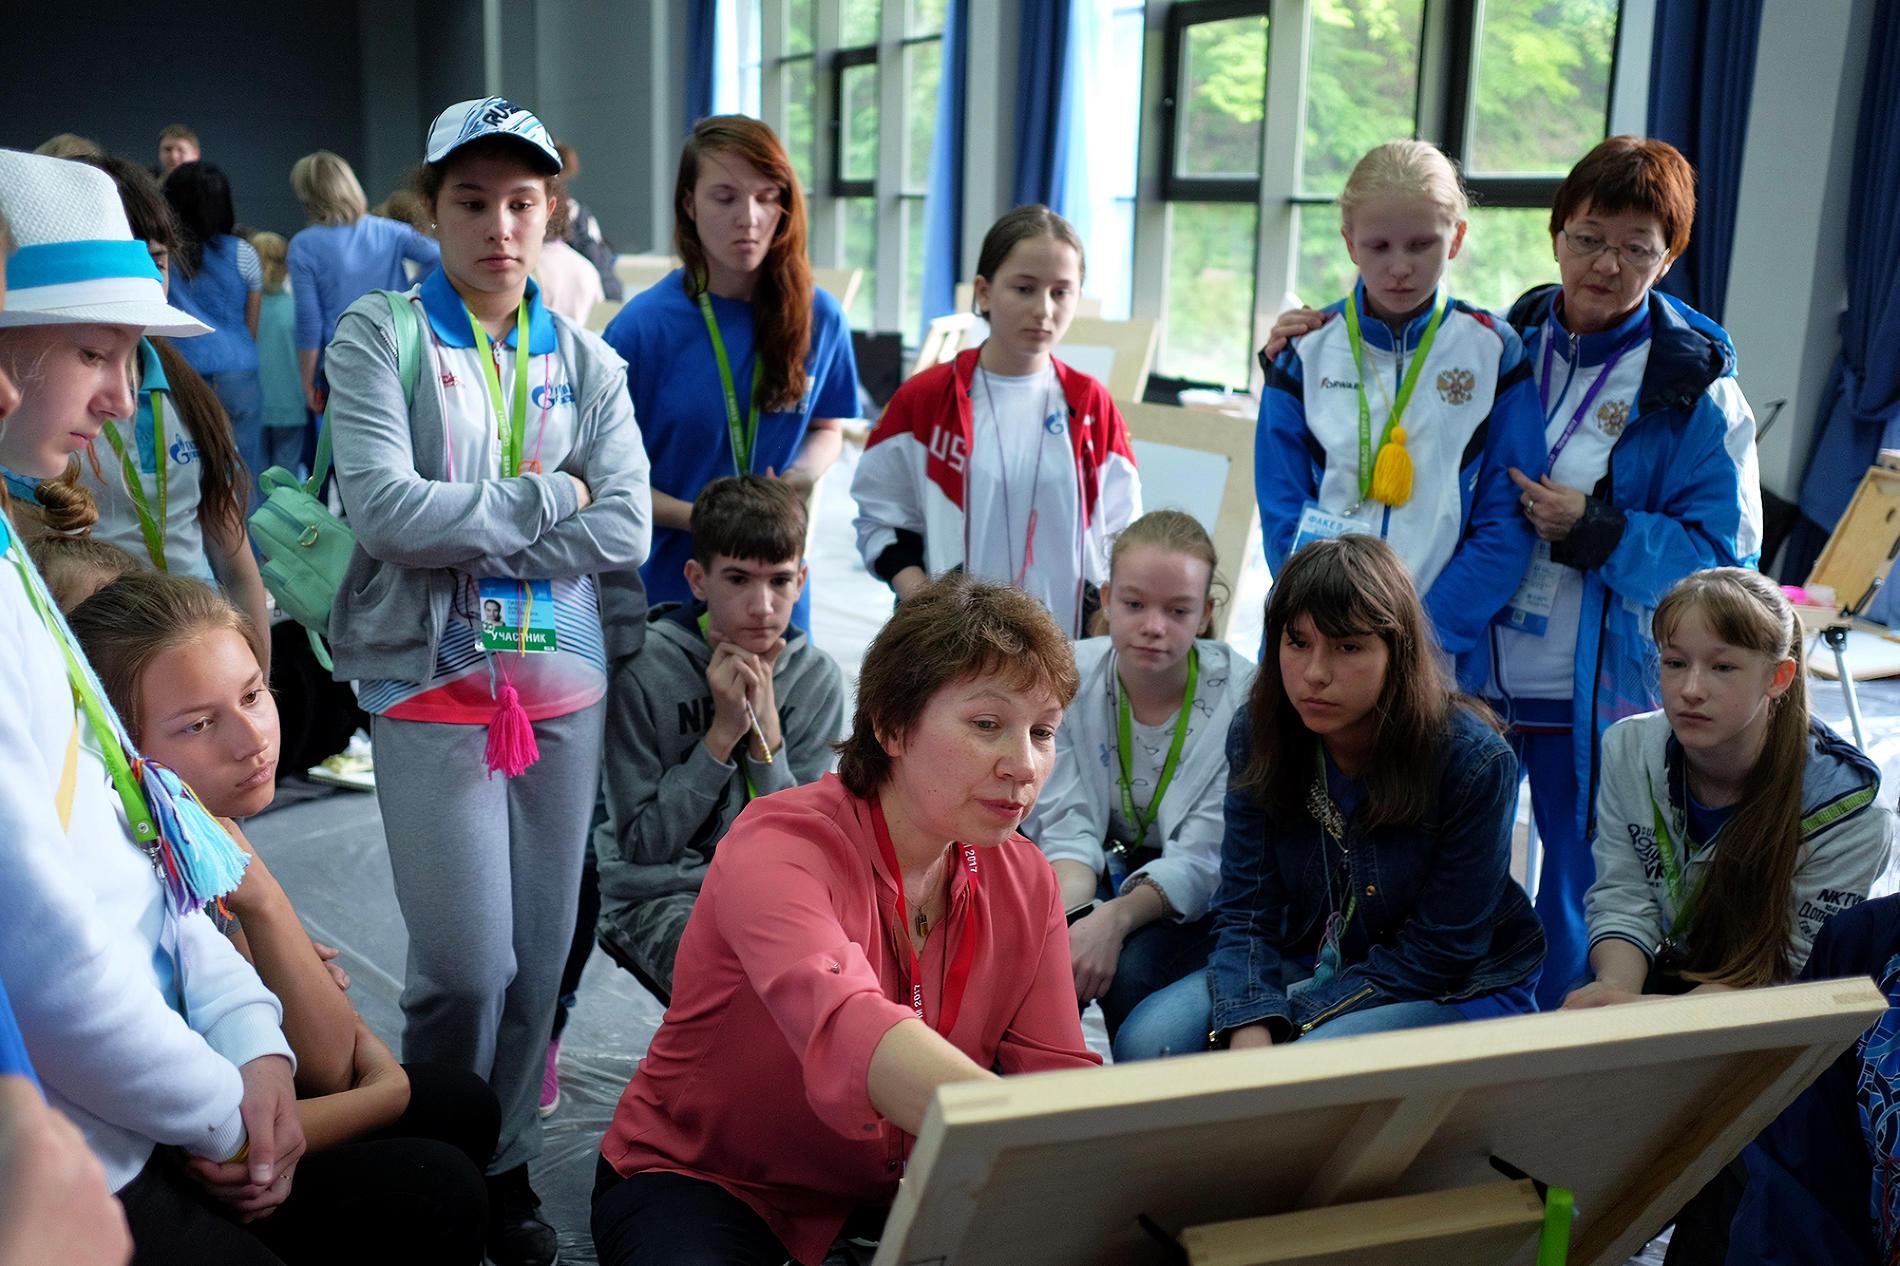 Член жюри Ольга Лукомская дает задание юным конурсанатам